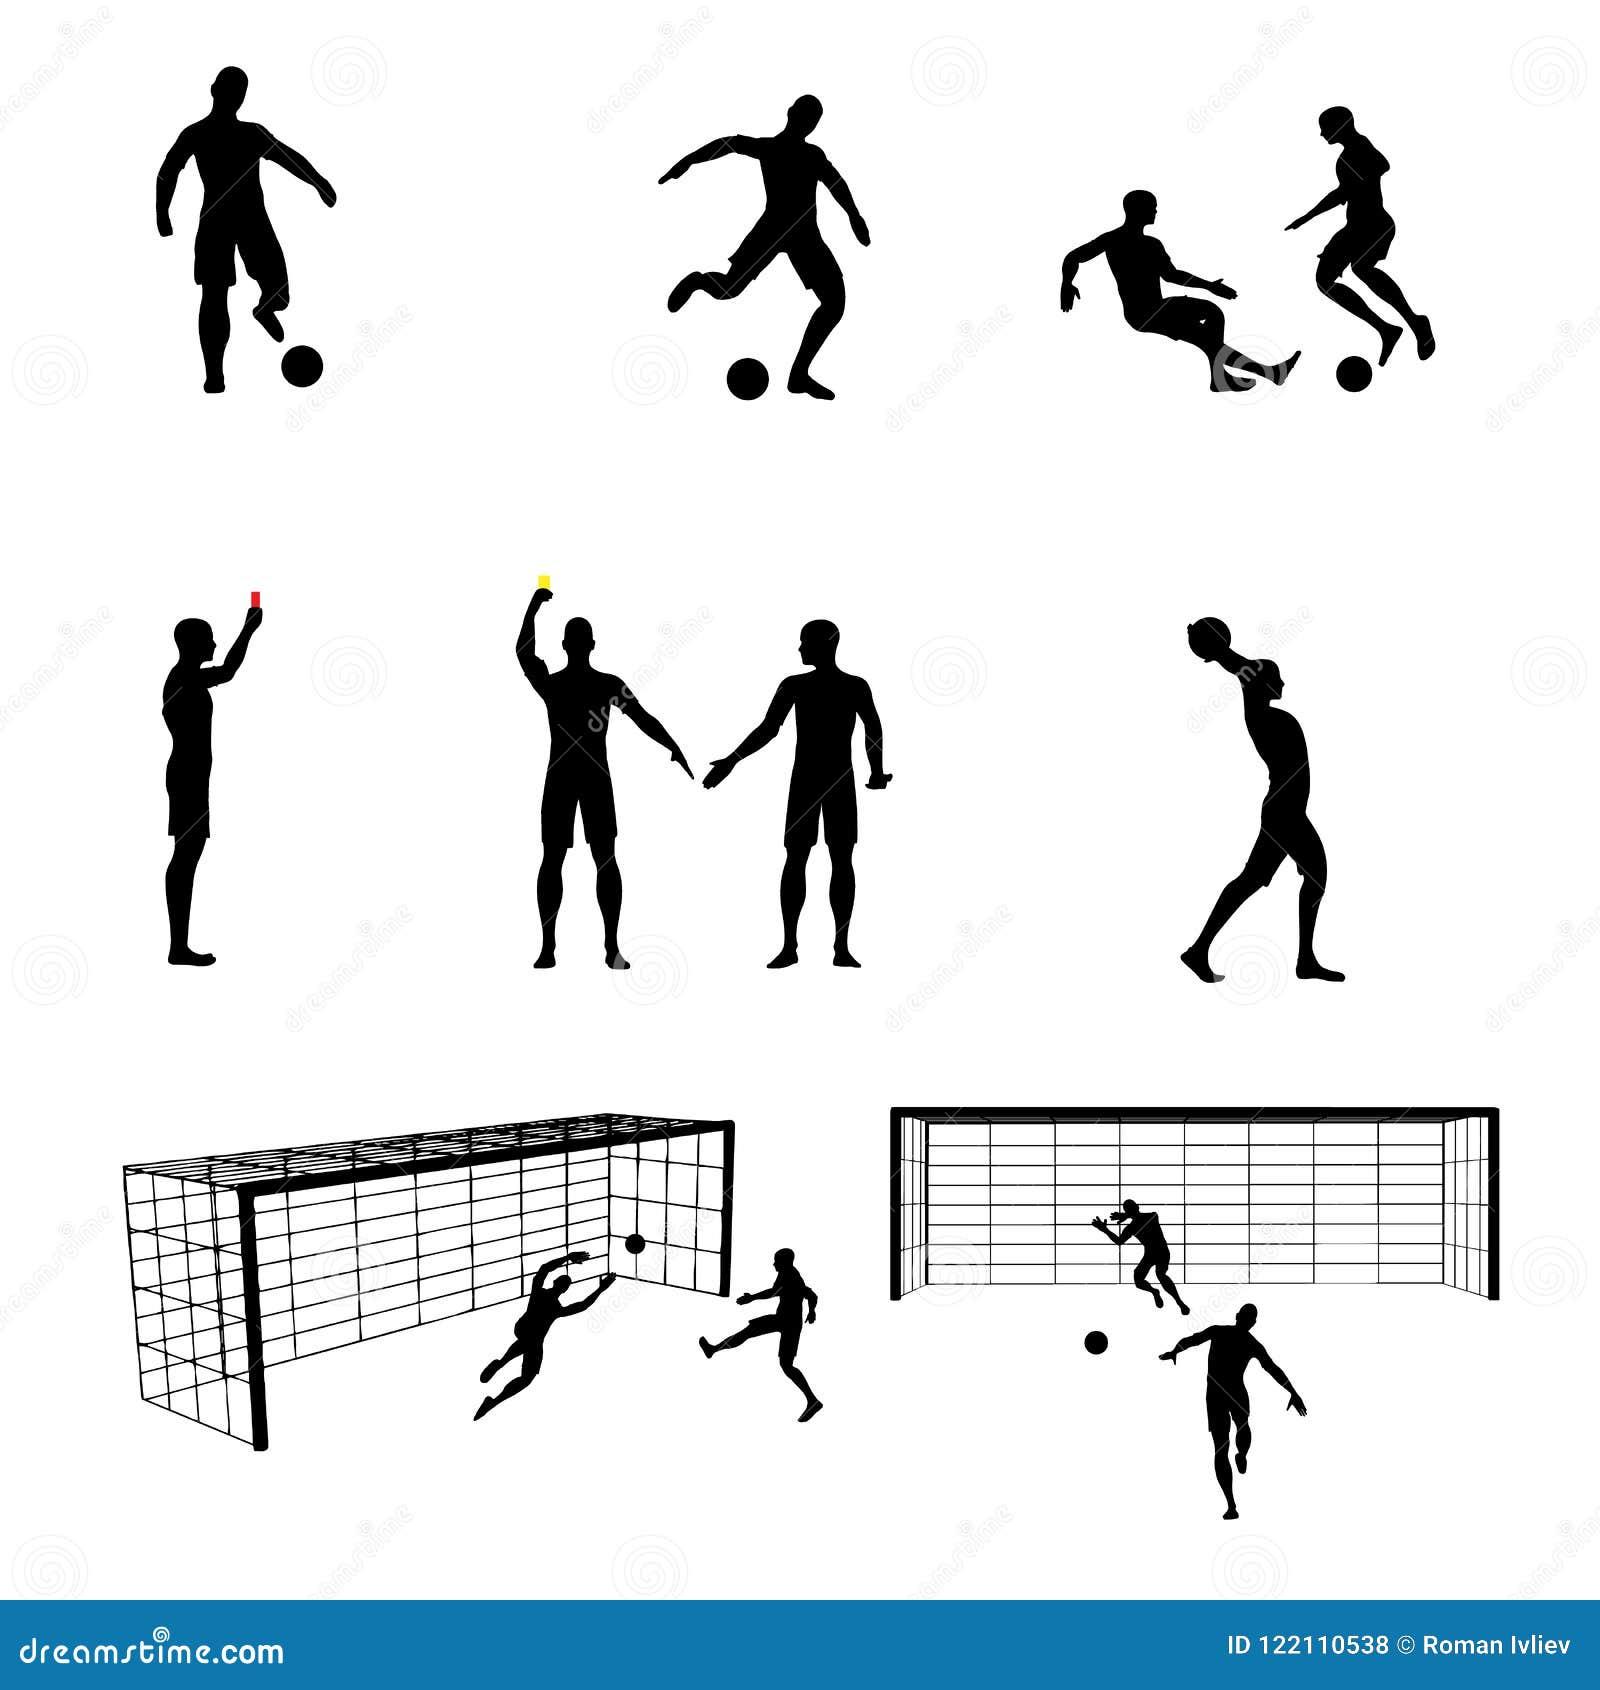 Σκιαγραφίες των ποδοσφαιριστών και του διαιτητή